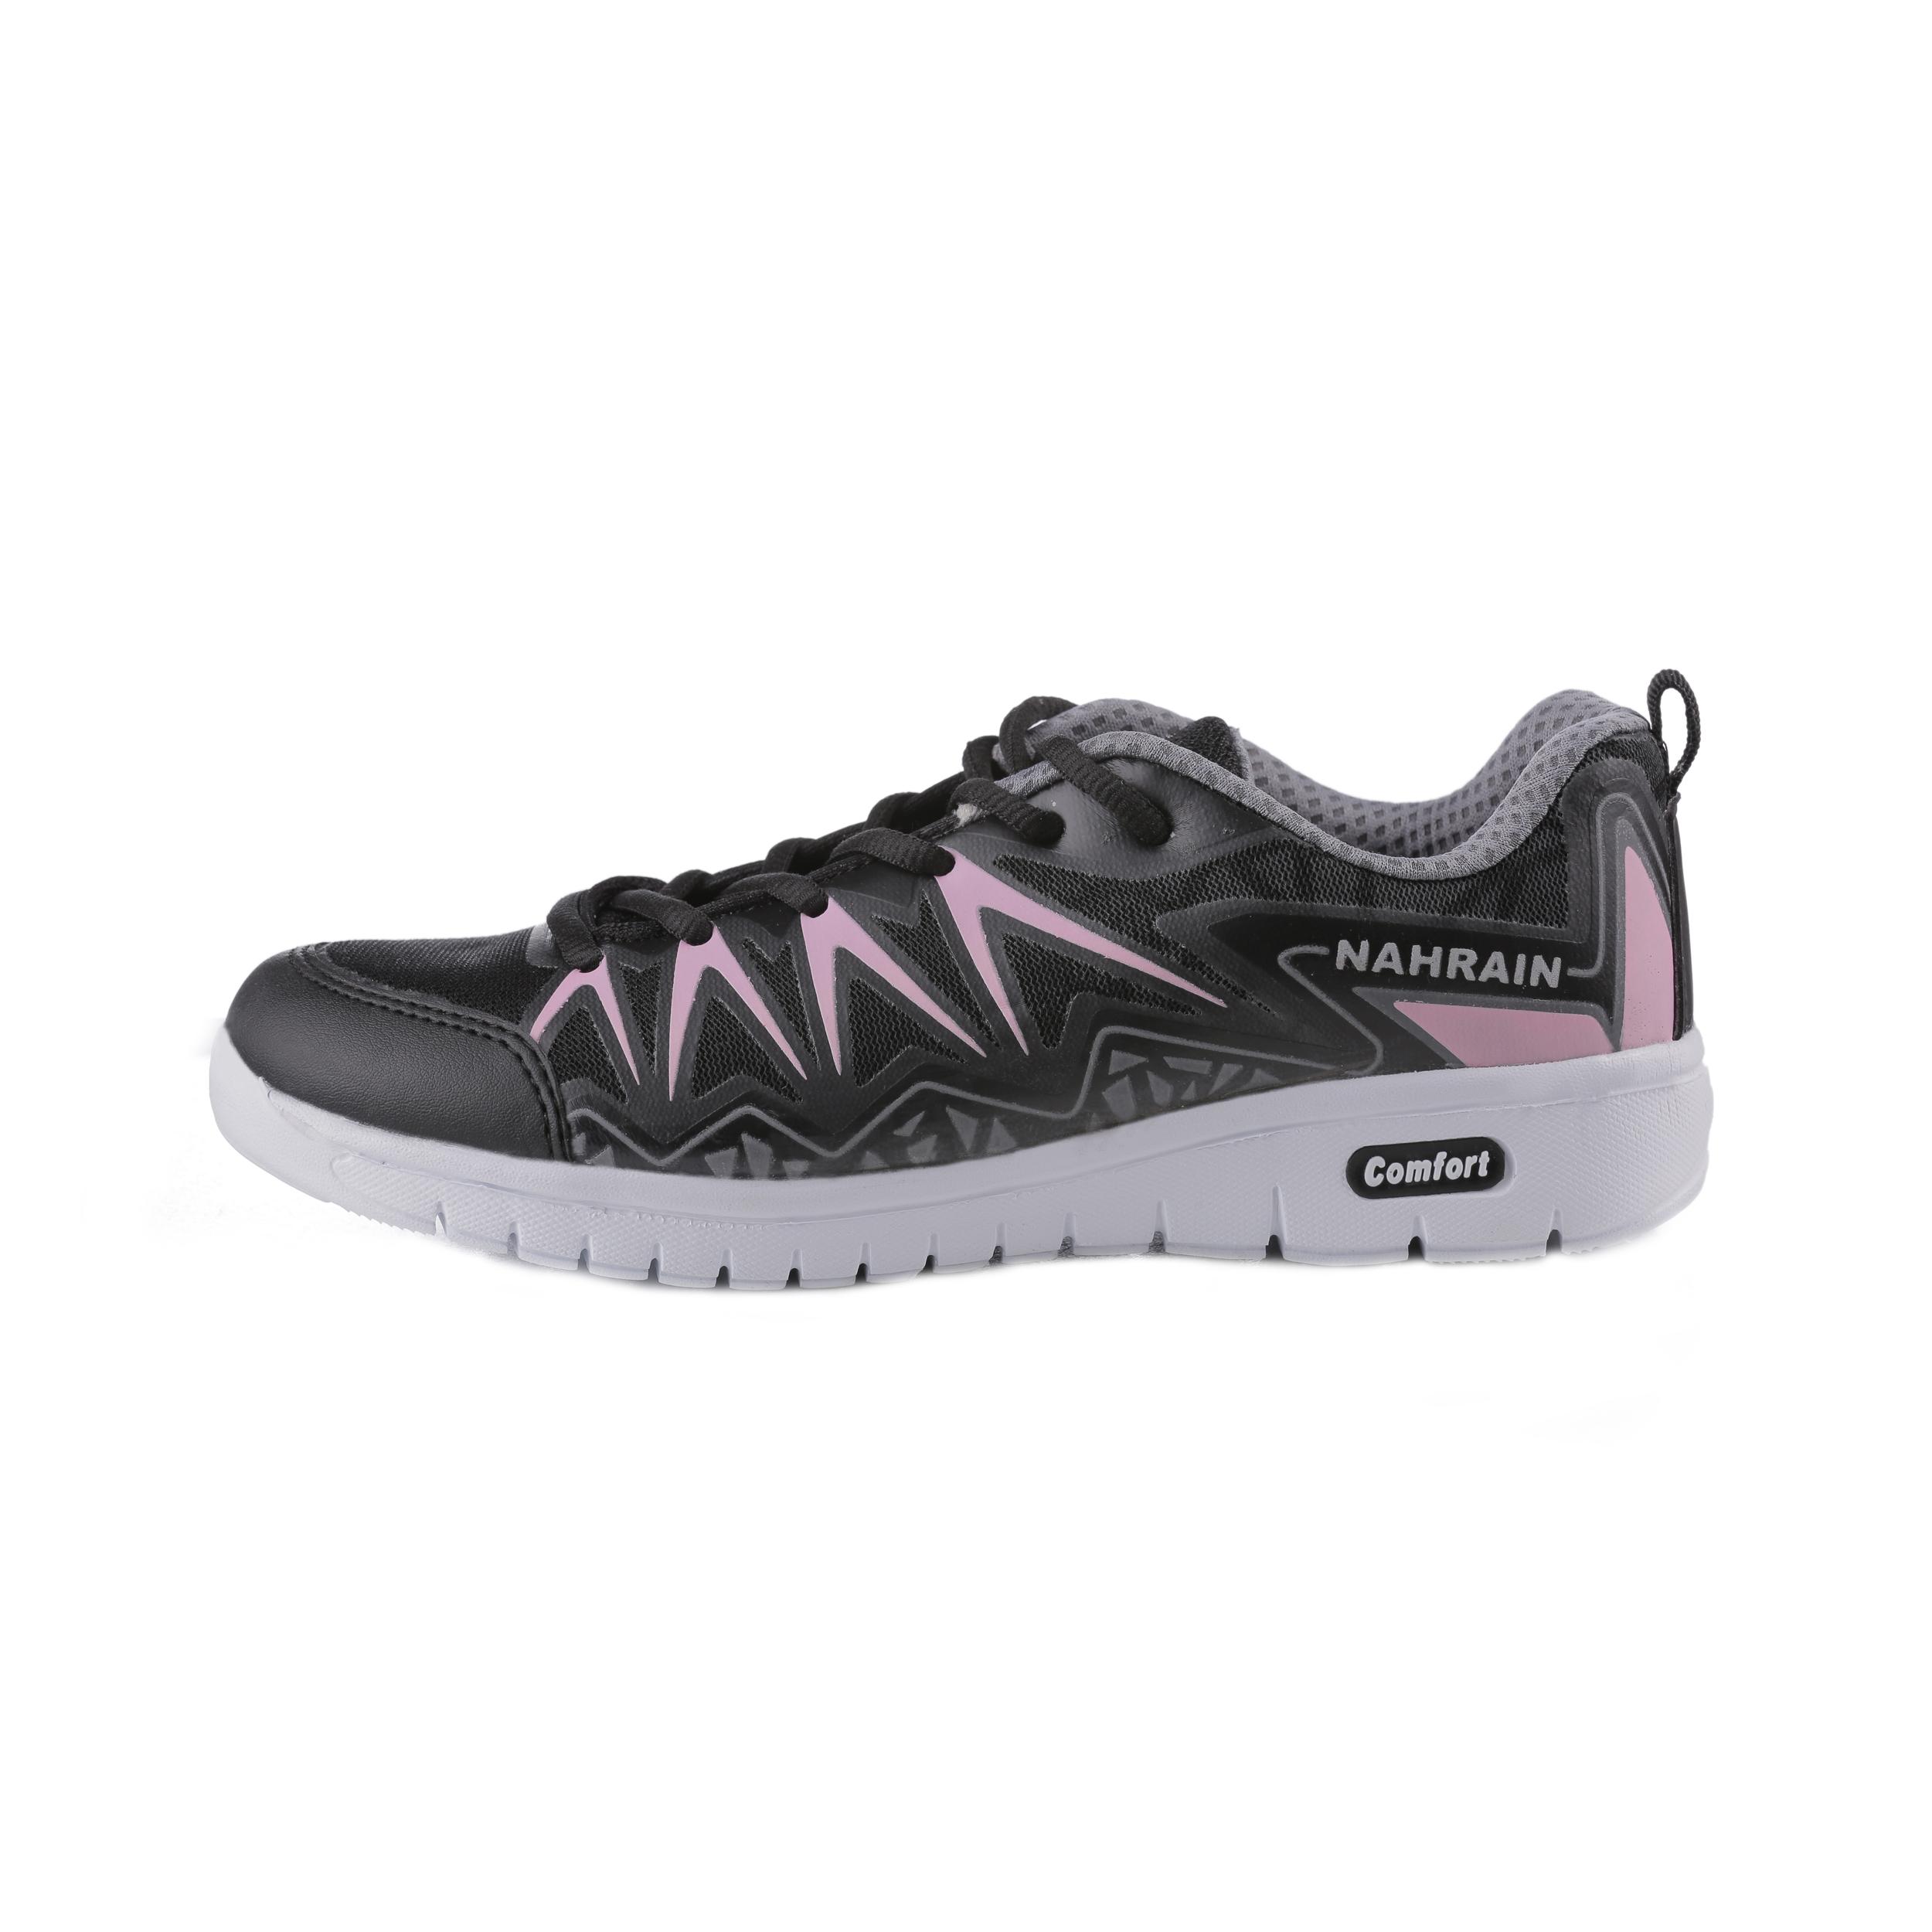 کفش مخصوص پیاده روی زنانه نهرین مدل crest کد 5